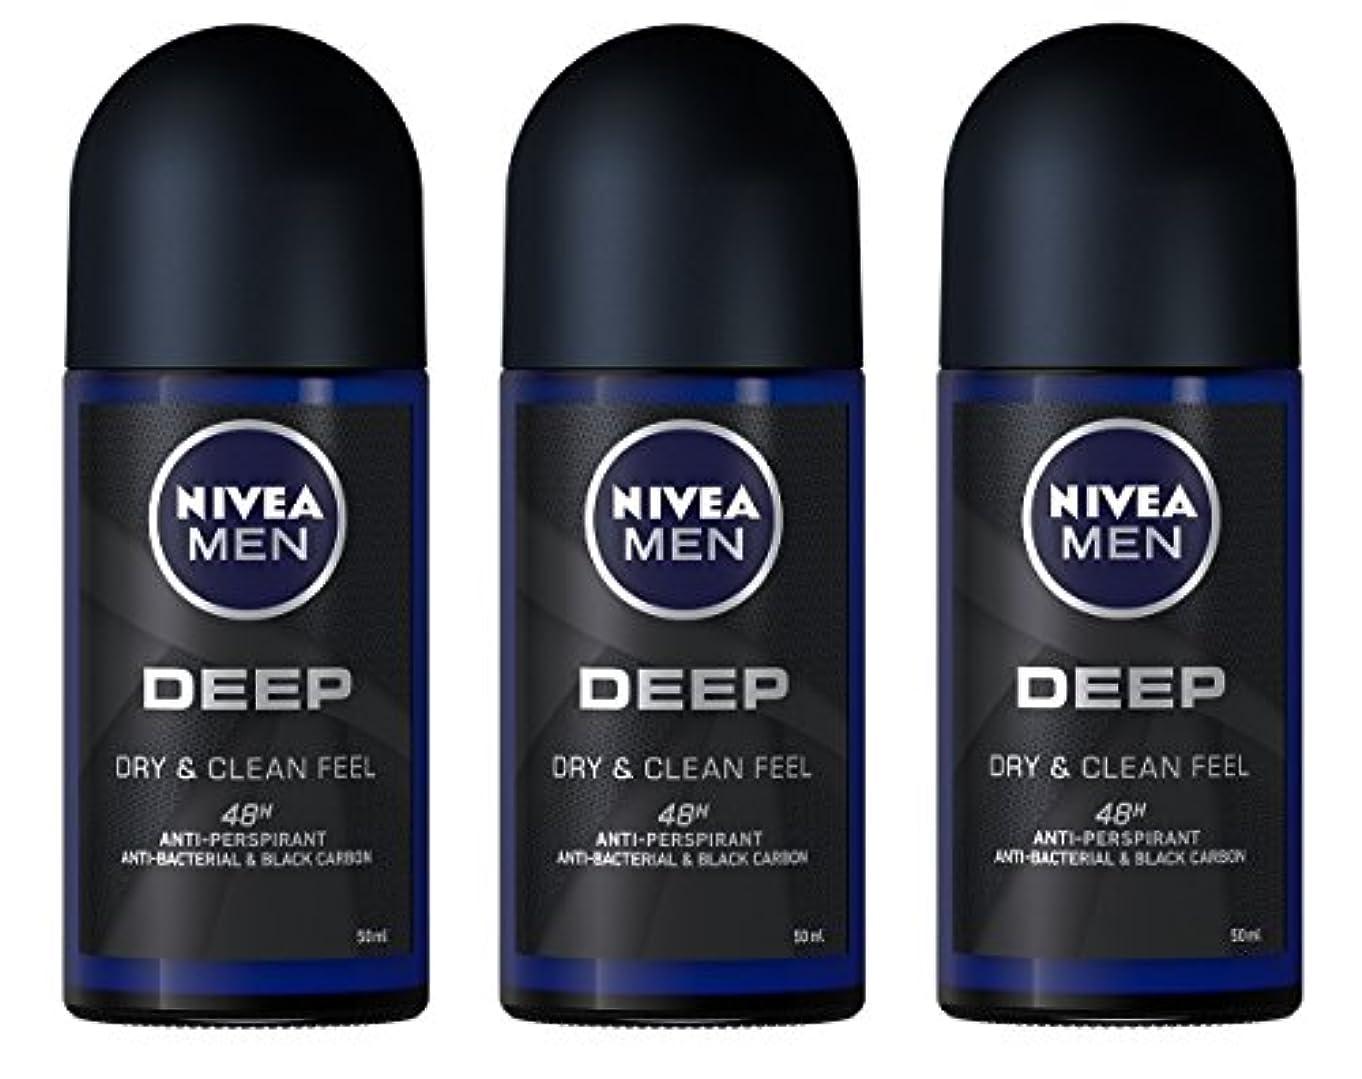 冷蔵庫推進力葉っぱ(Pack of 3) Nivea Deep Anti-perspirant Deodorant Roll On for Men 50ml - (3パック) ニベア深い制汗剤デオドラントロールオン男性用50ml